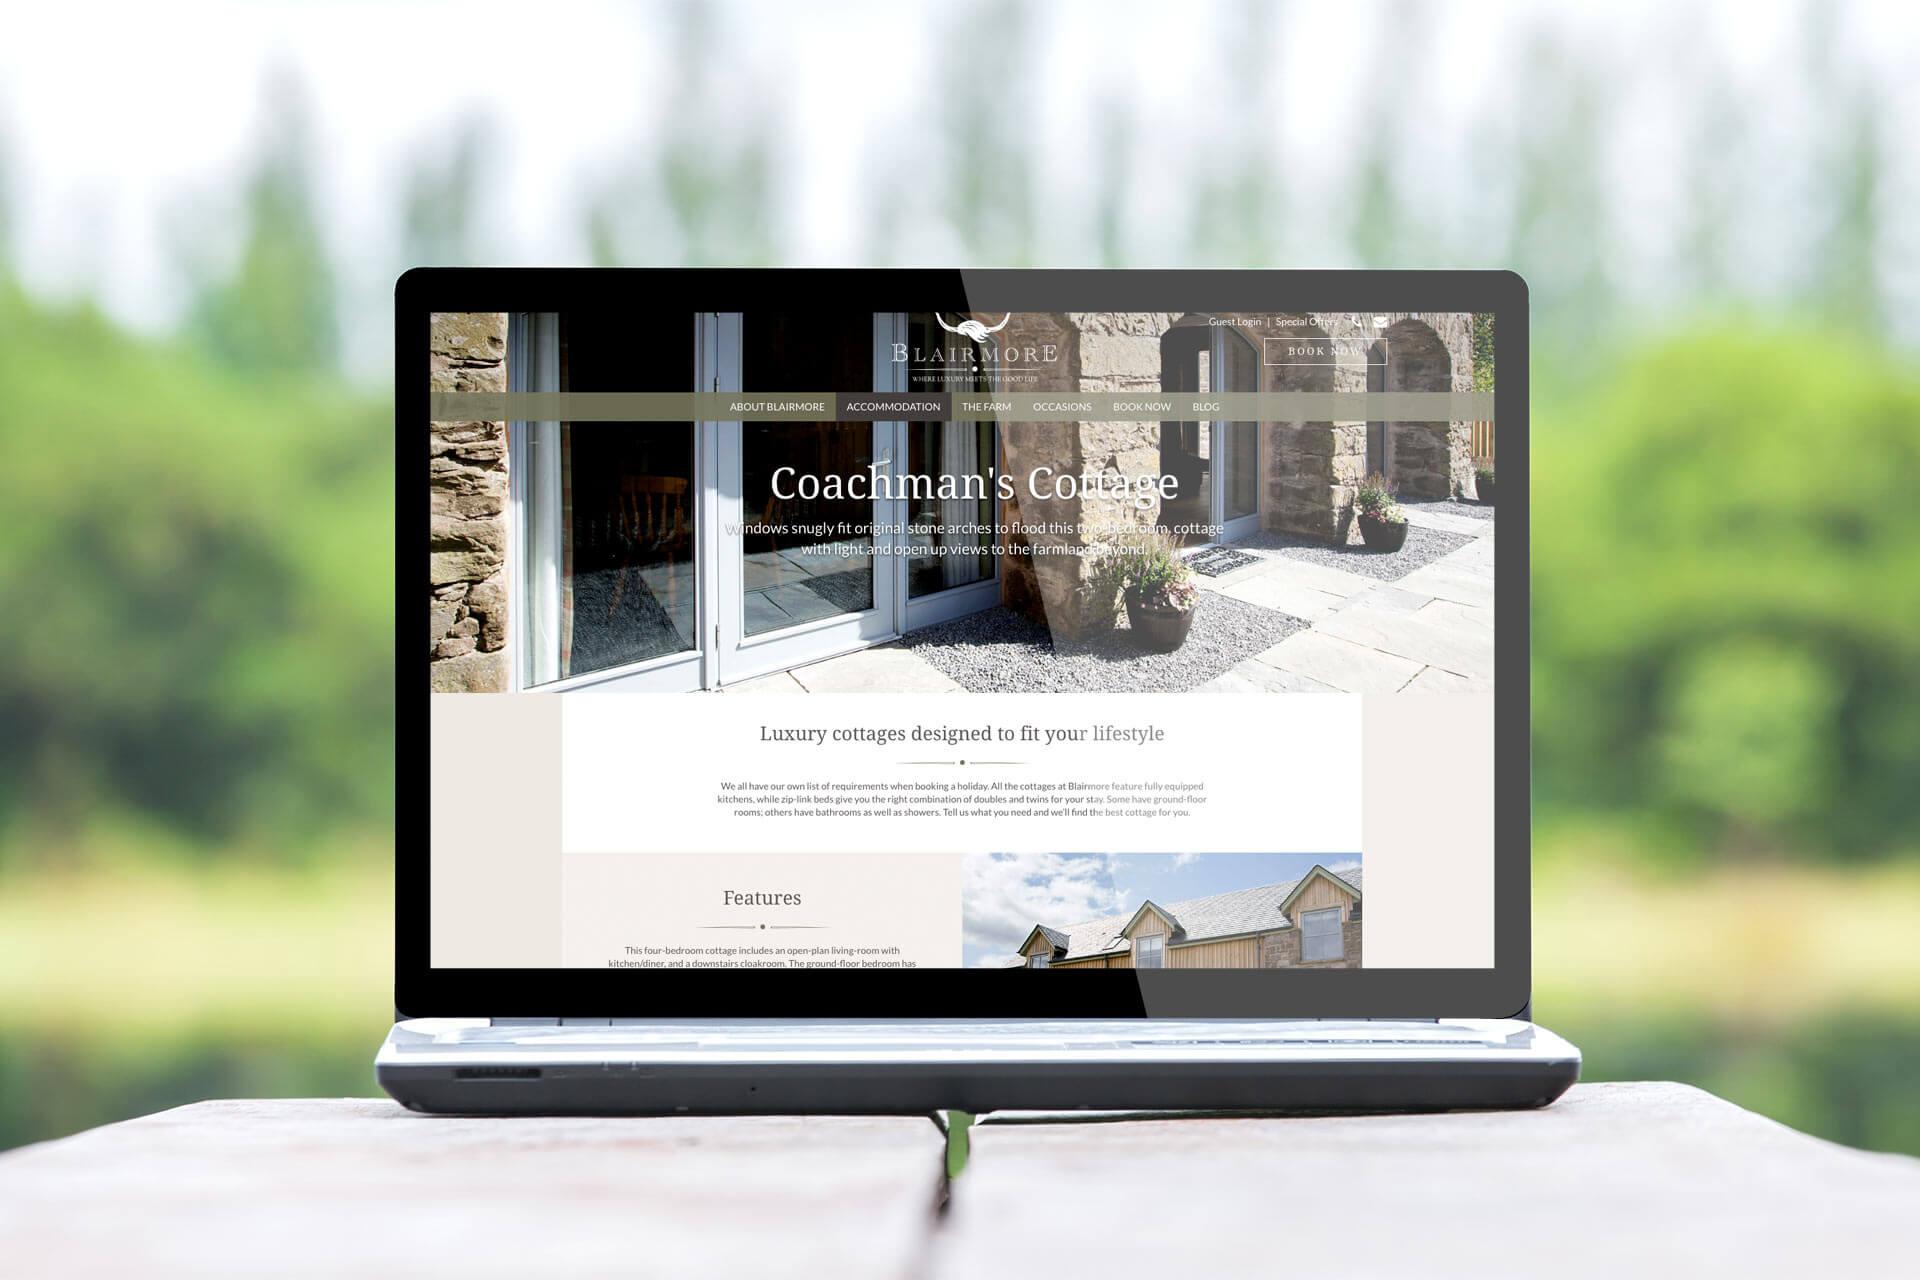 blairmore landing page on laptop